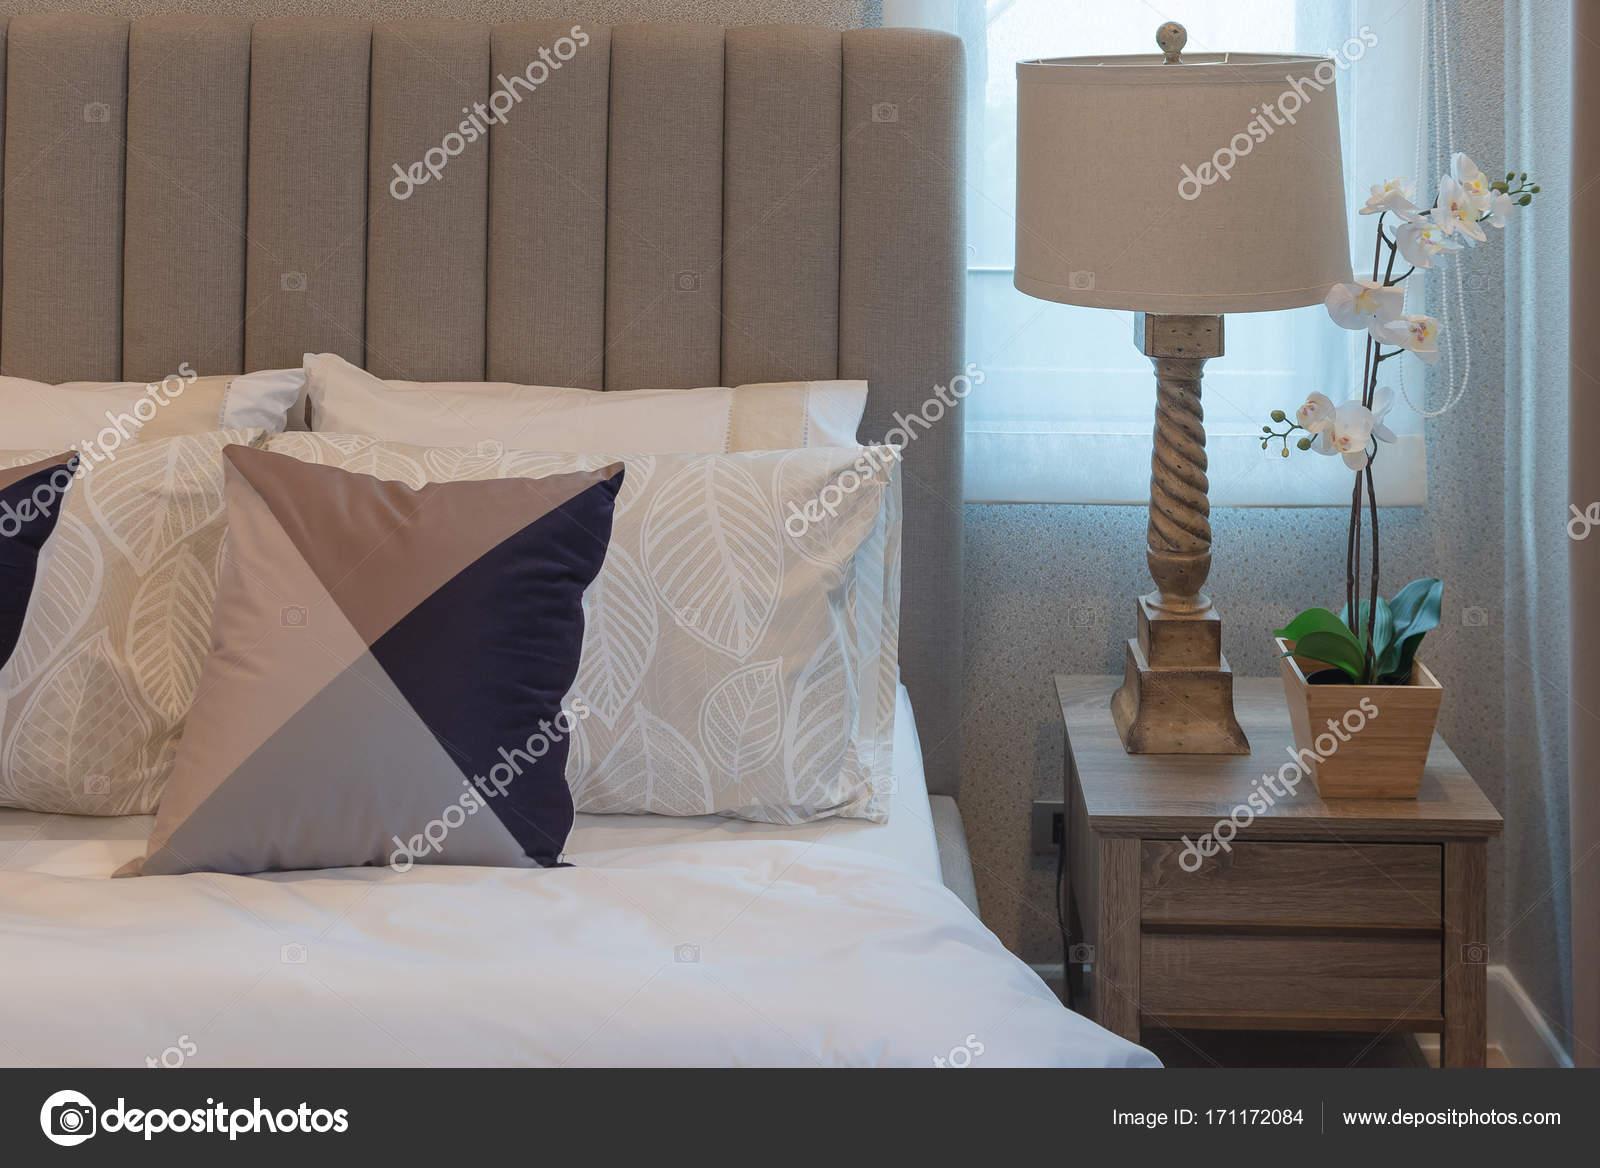 stile camera da letto classica con set di cuscini — Foto Stock ...